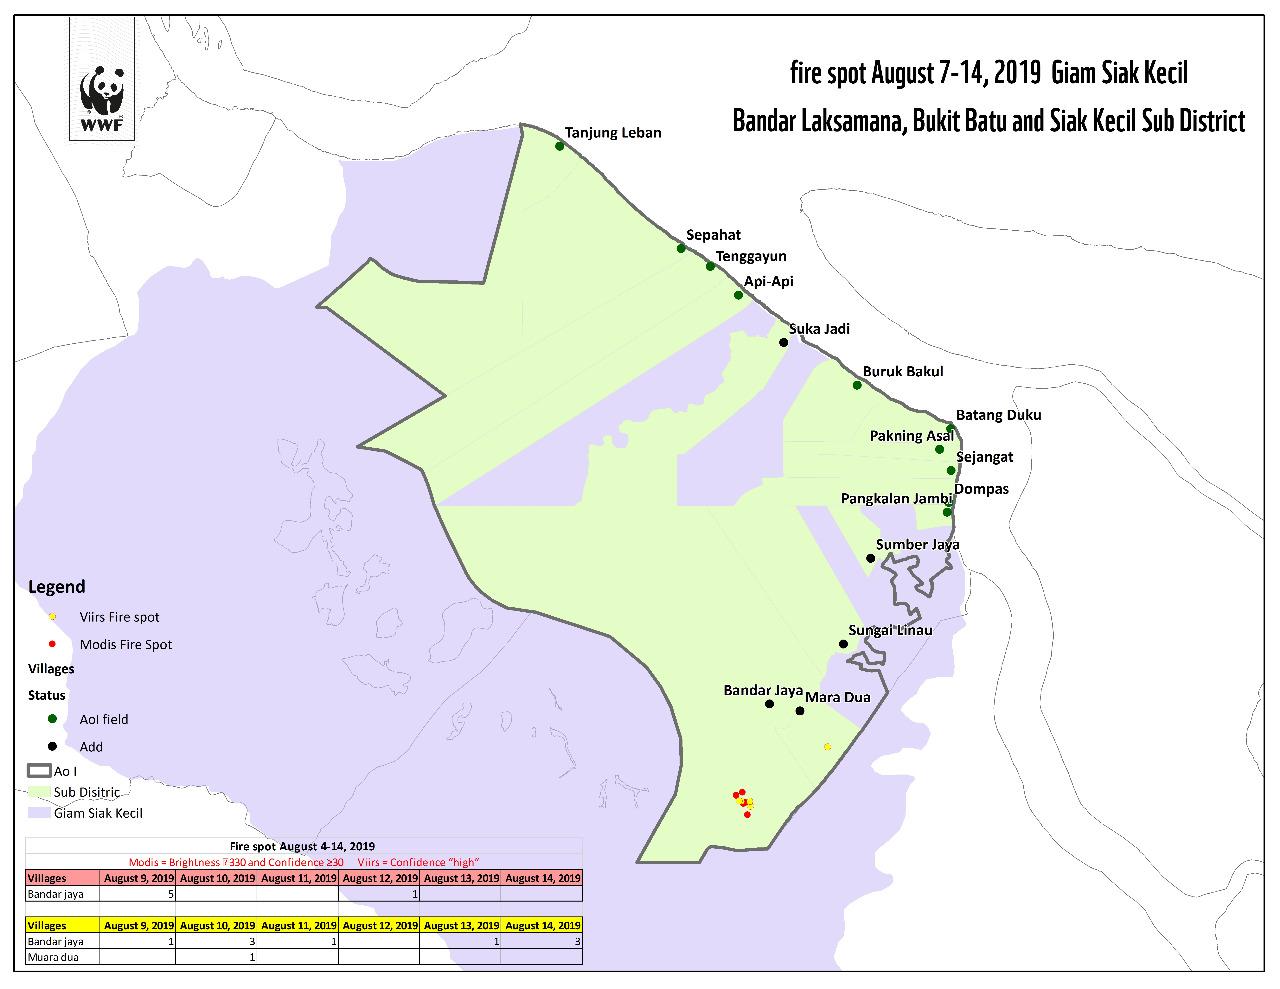 Peta Hotspot di Kecamatan Bukit Batu dan Bandar Laksamana ...